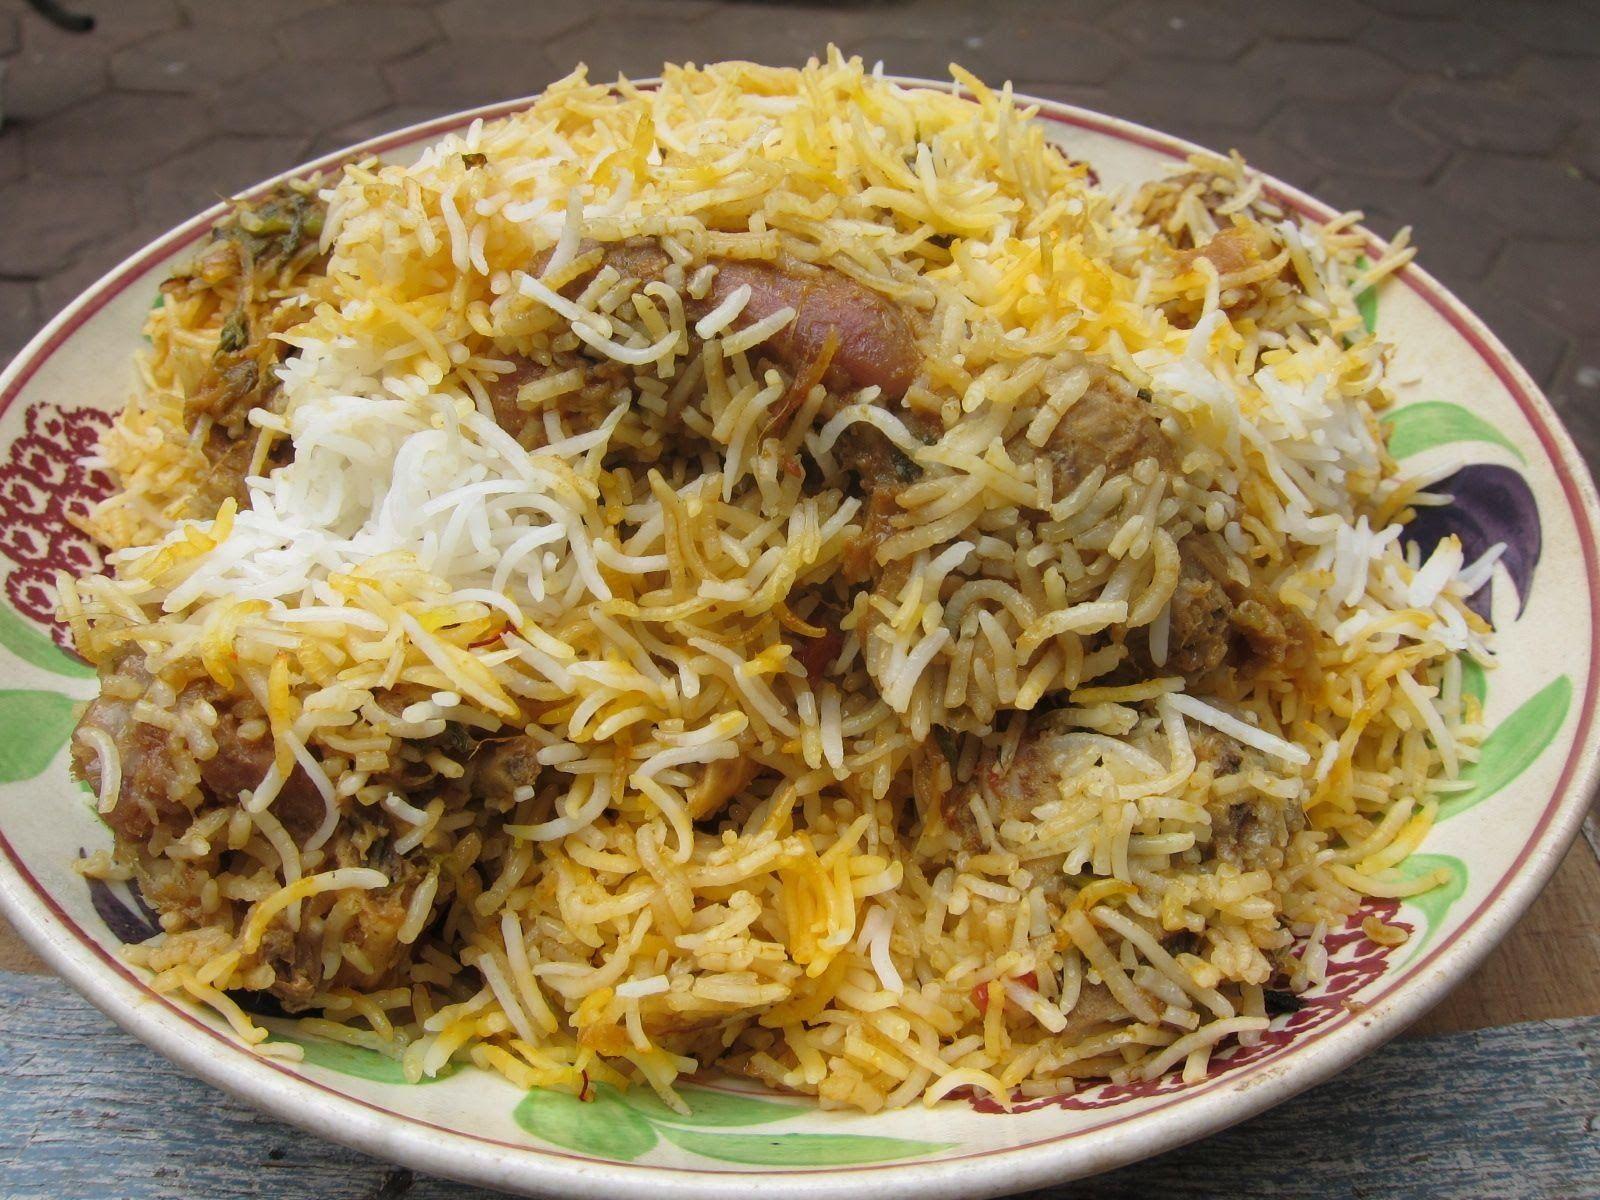 Fakruddin biryani recipe bangladeshi food pinterest how to make hyderabadi chicken biryani by lalit kumar cooking chicken dum biryani or hyderabadi chicken biryani or andhra style forumfinder Gallery